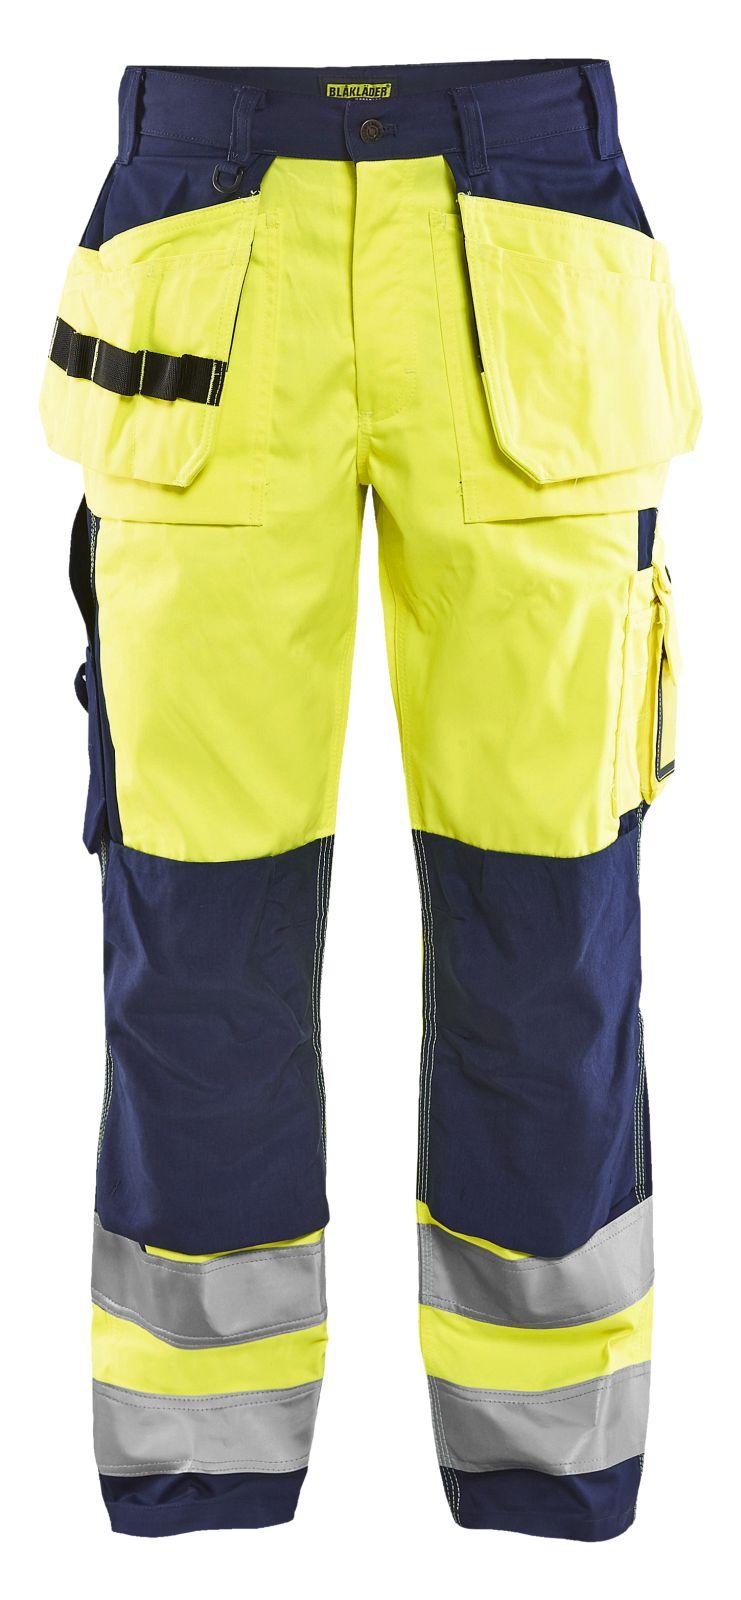 Blaklader Broeken 15331860 High Vis fluo geel-marineblauw(3389)